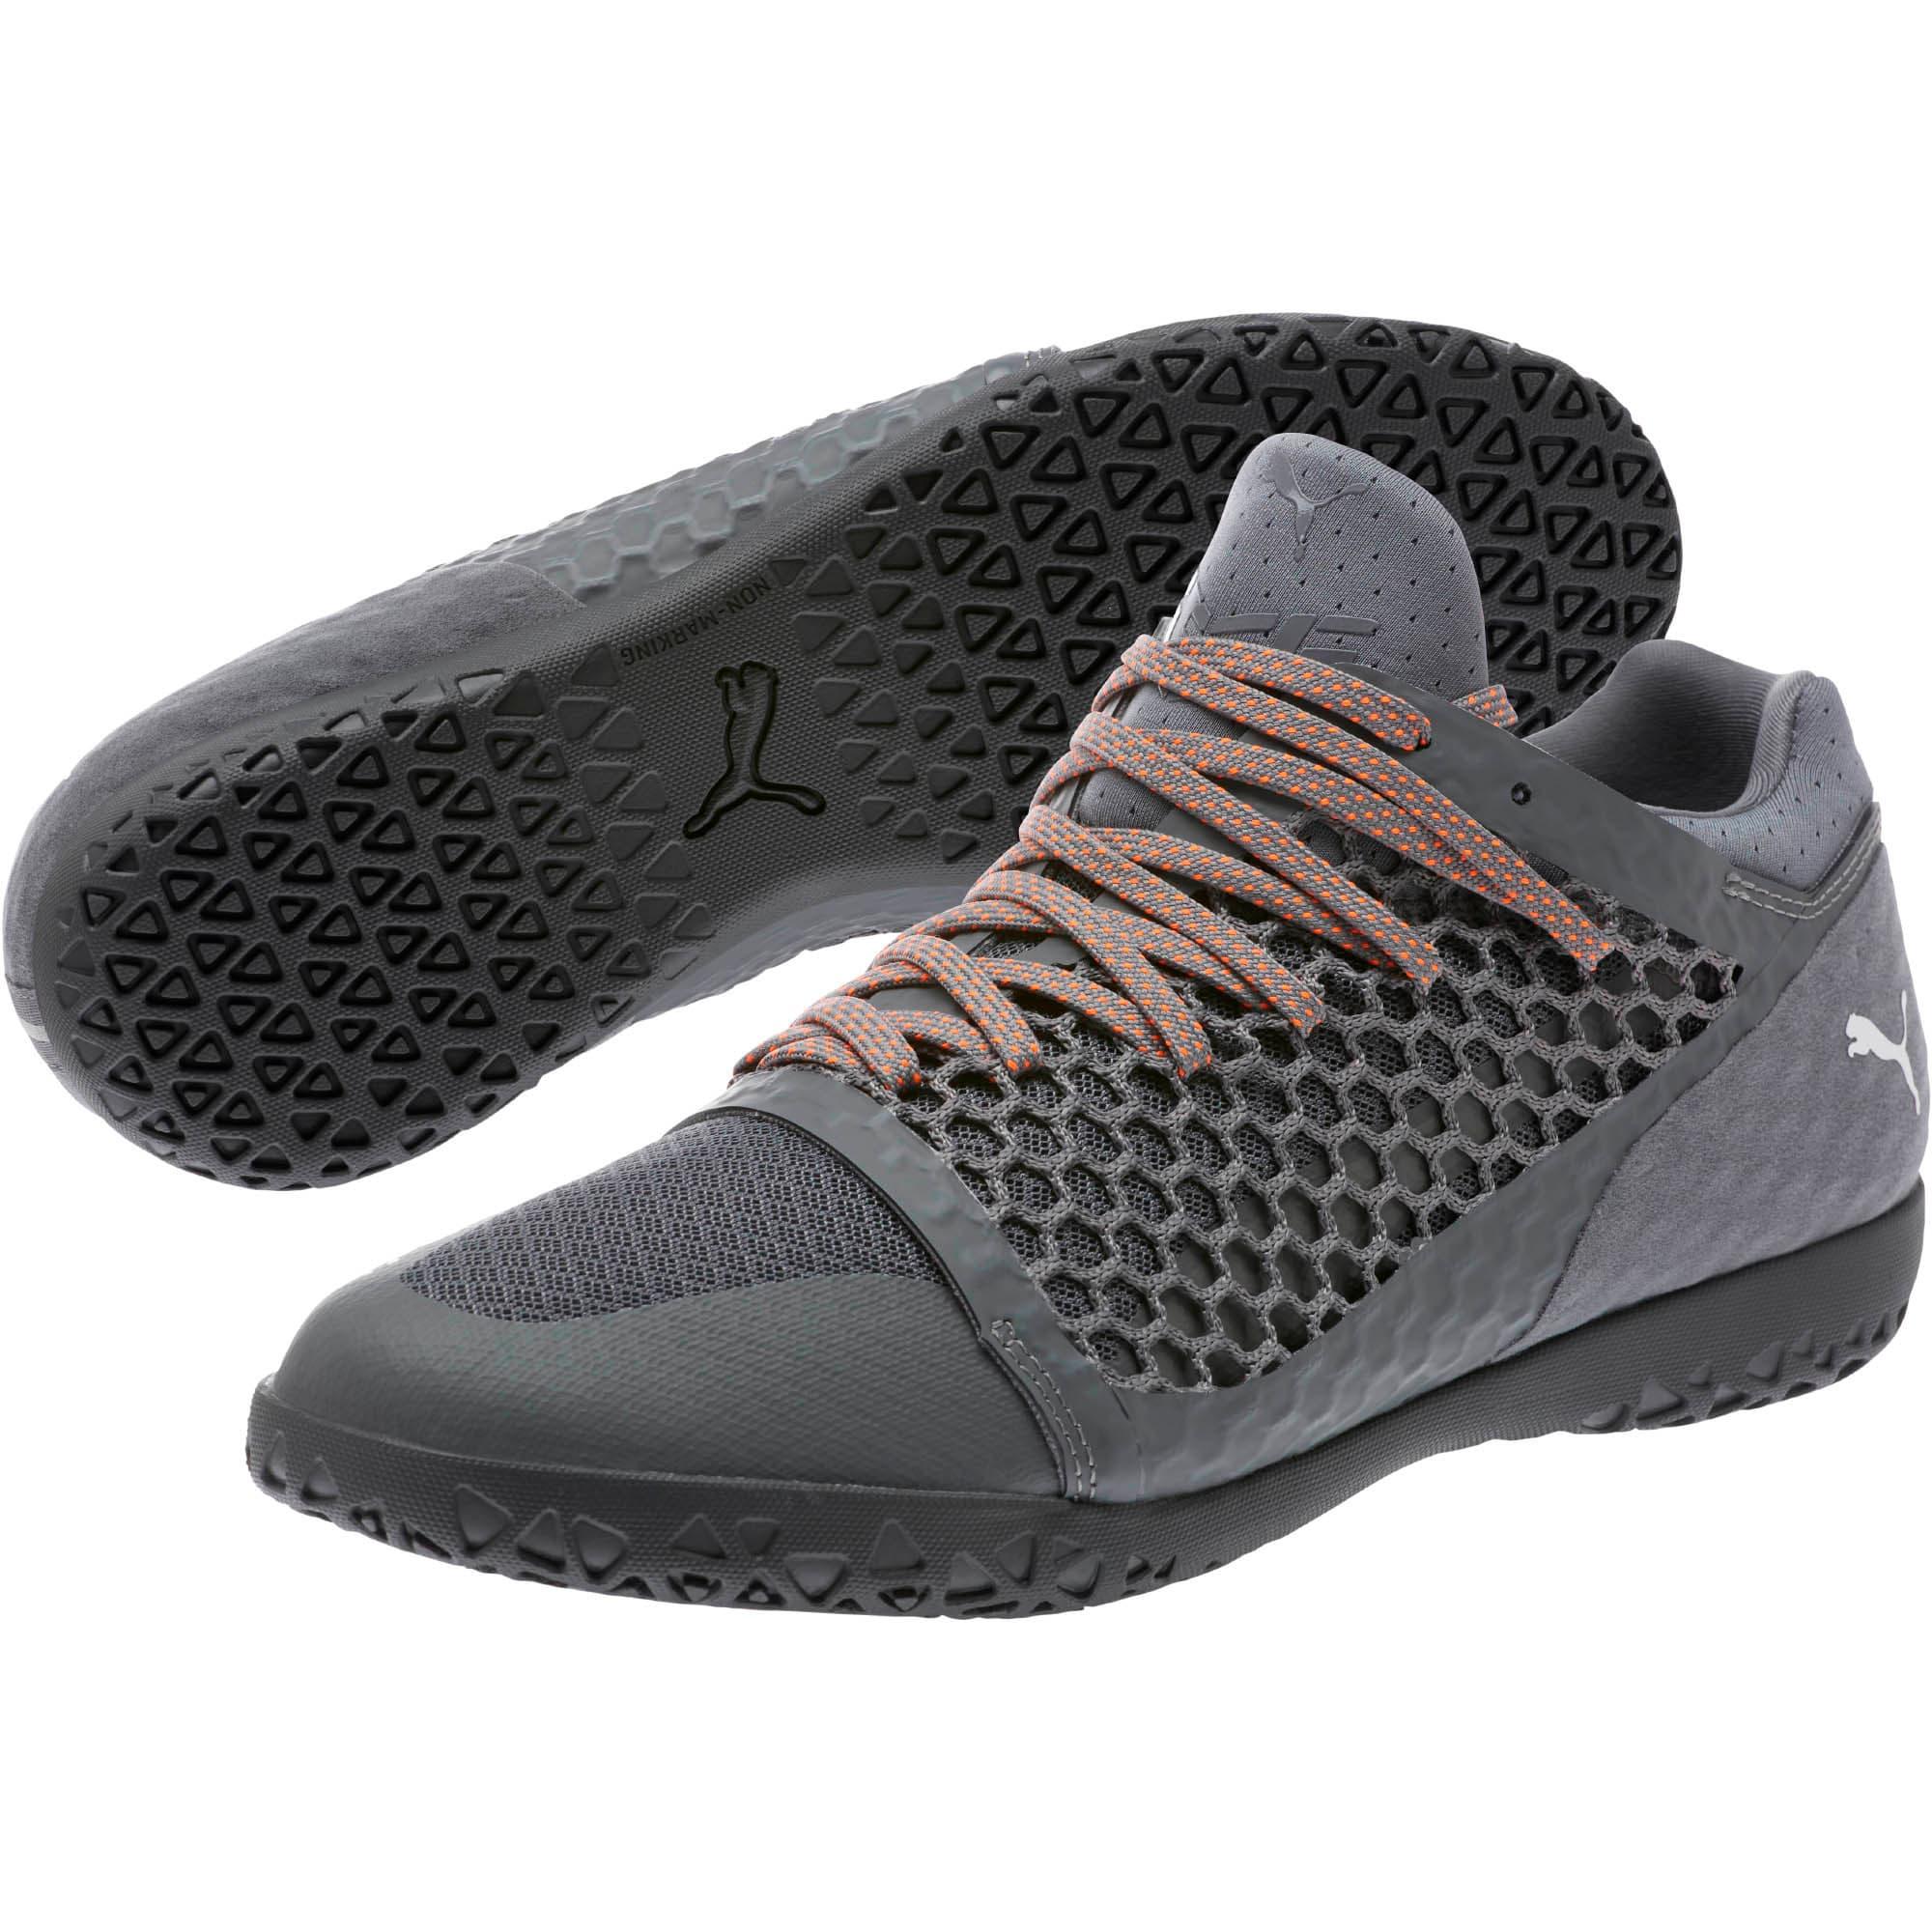 new concept 10deb 59315 365 NETFIT CT Men's Court Soccer Cleats